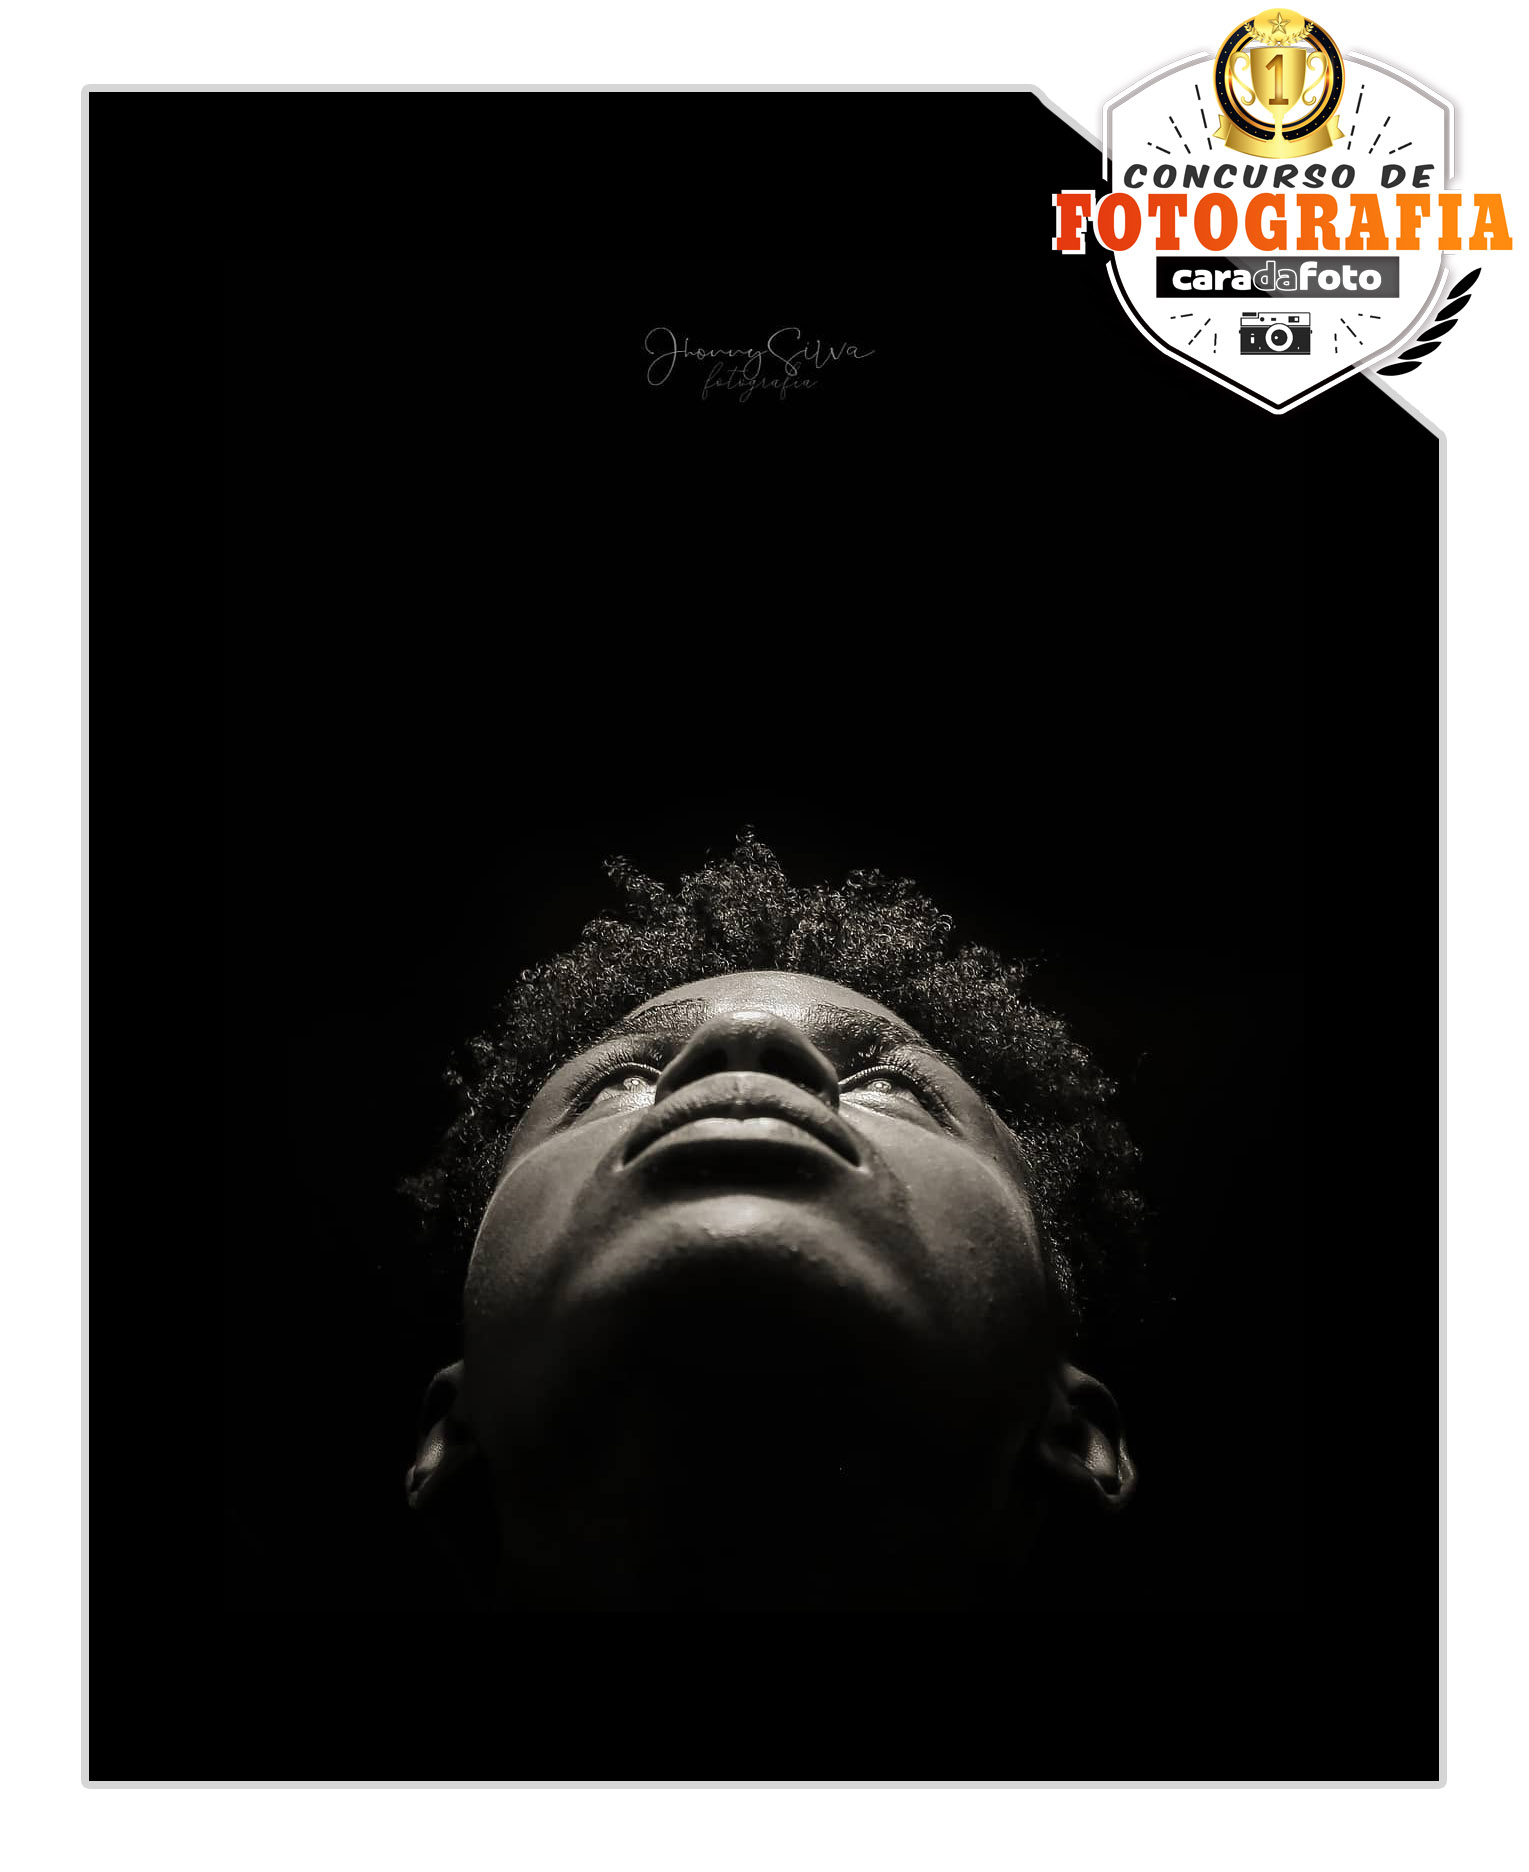 Fotografia premiada em 1° lugar em um concurso nacional de fotografia